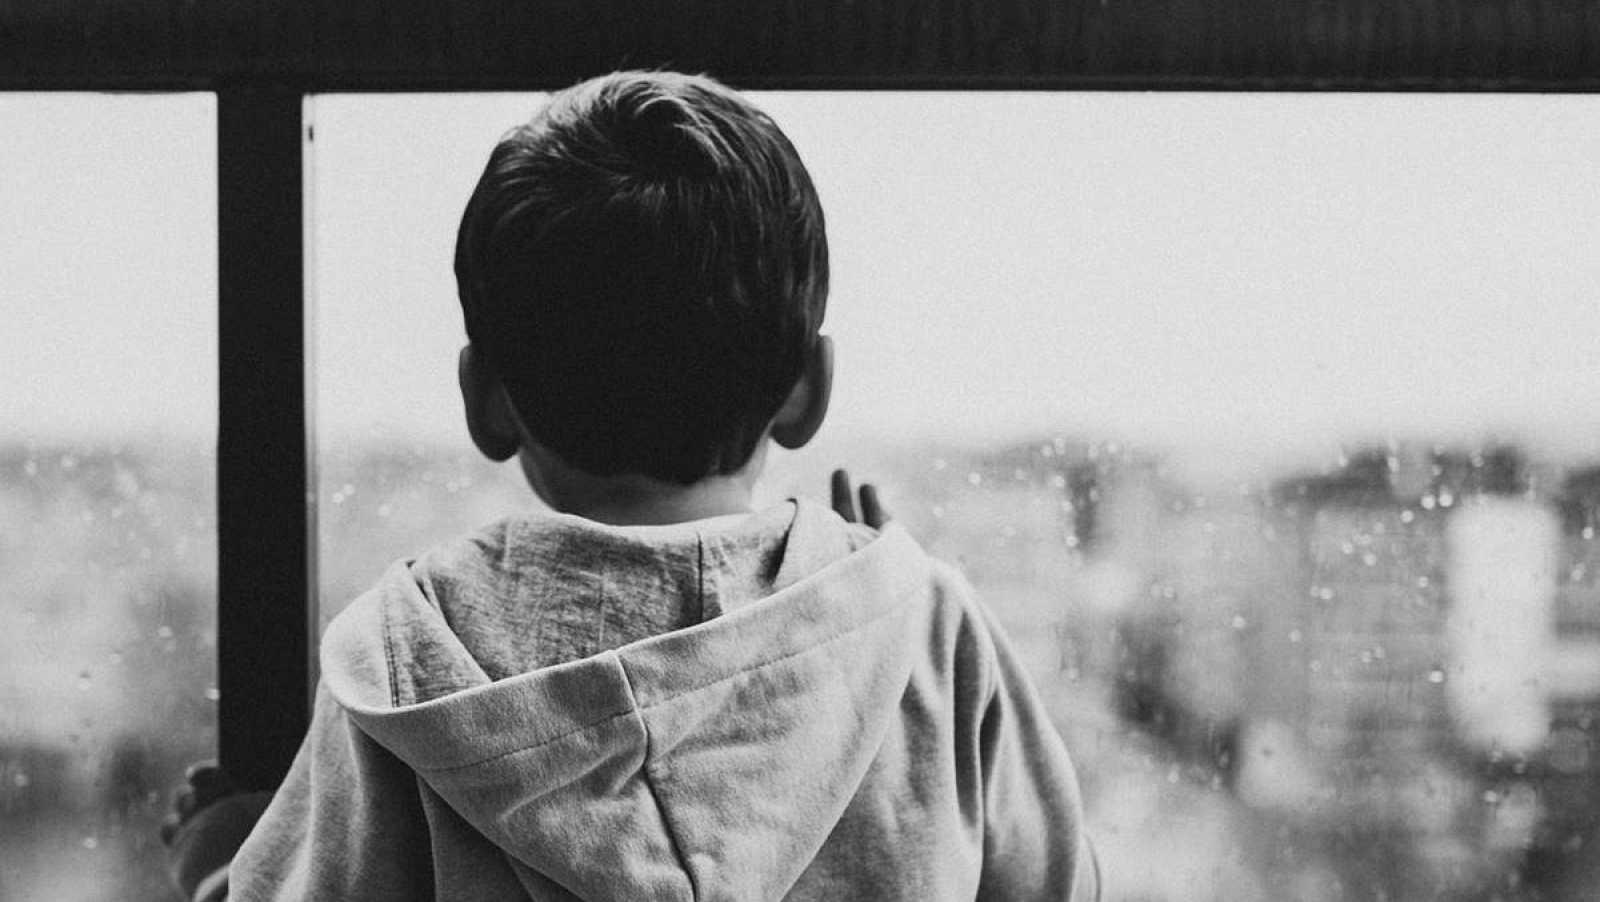 Tarde lo que tarde - La nueva ley de la infancia - 21/04/21